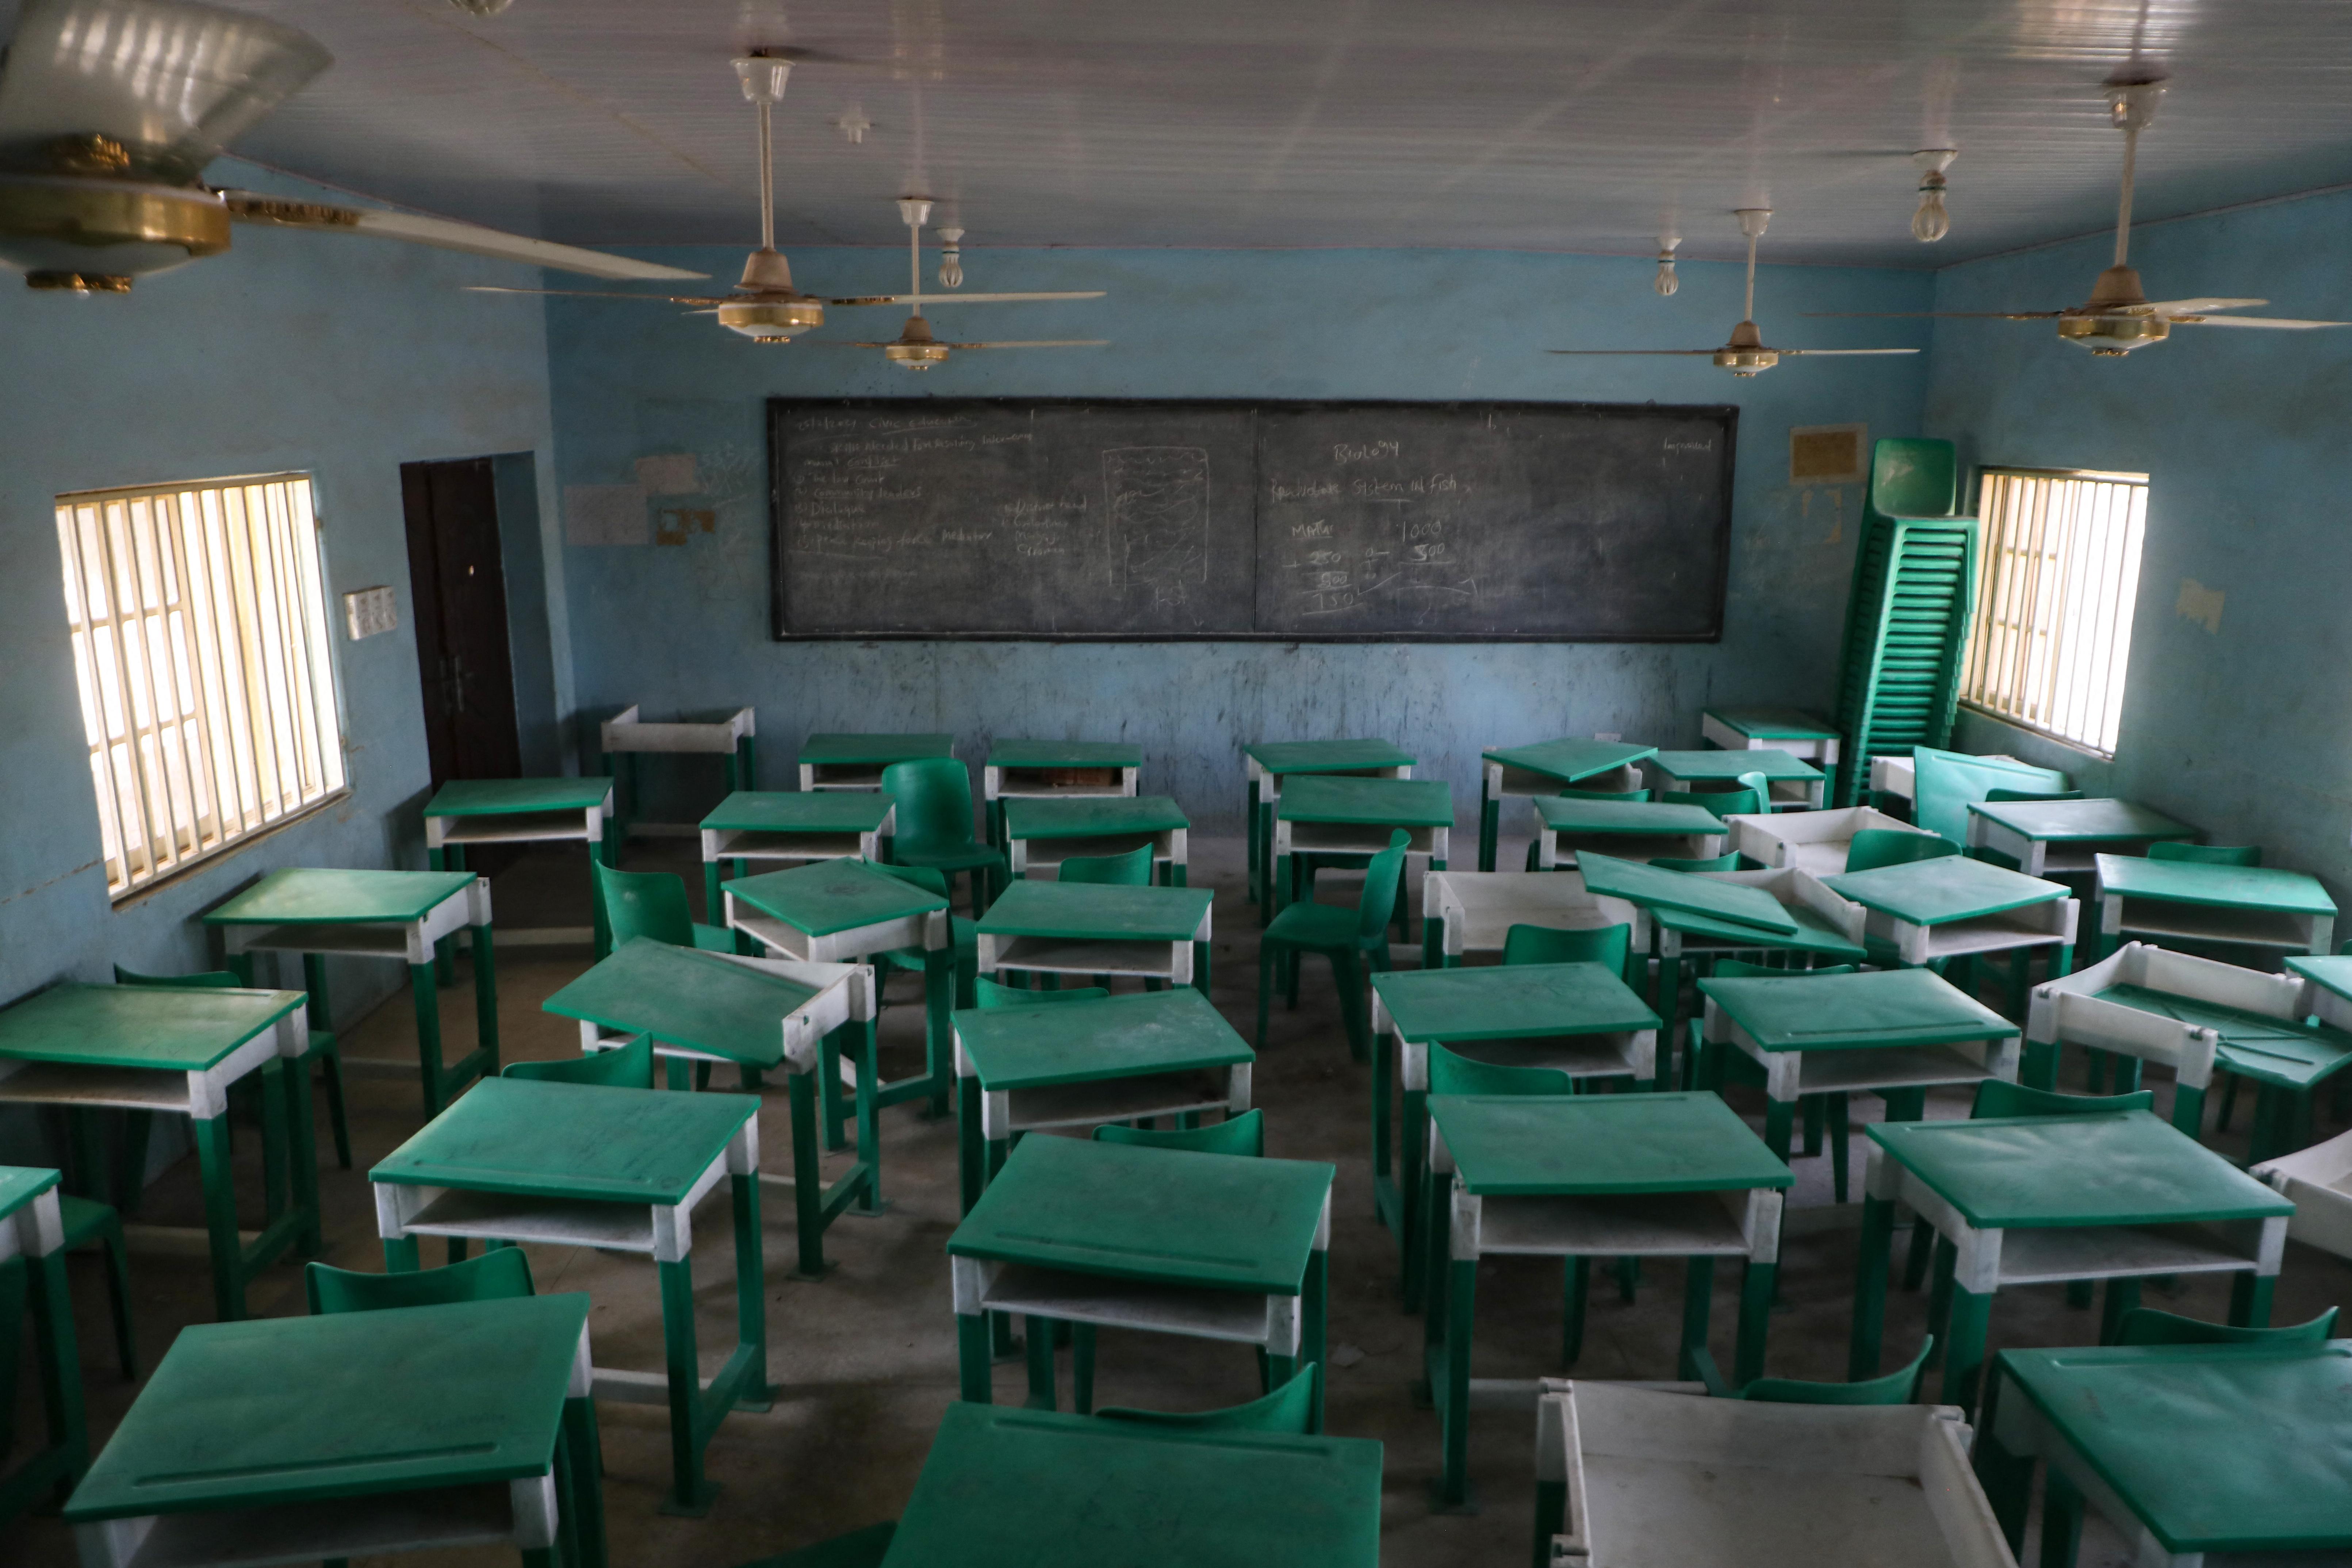 Gunmen abduct 30 students from school in northwest Nigeria